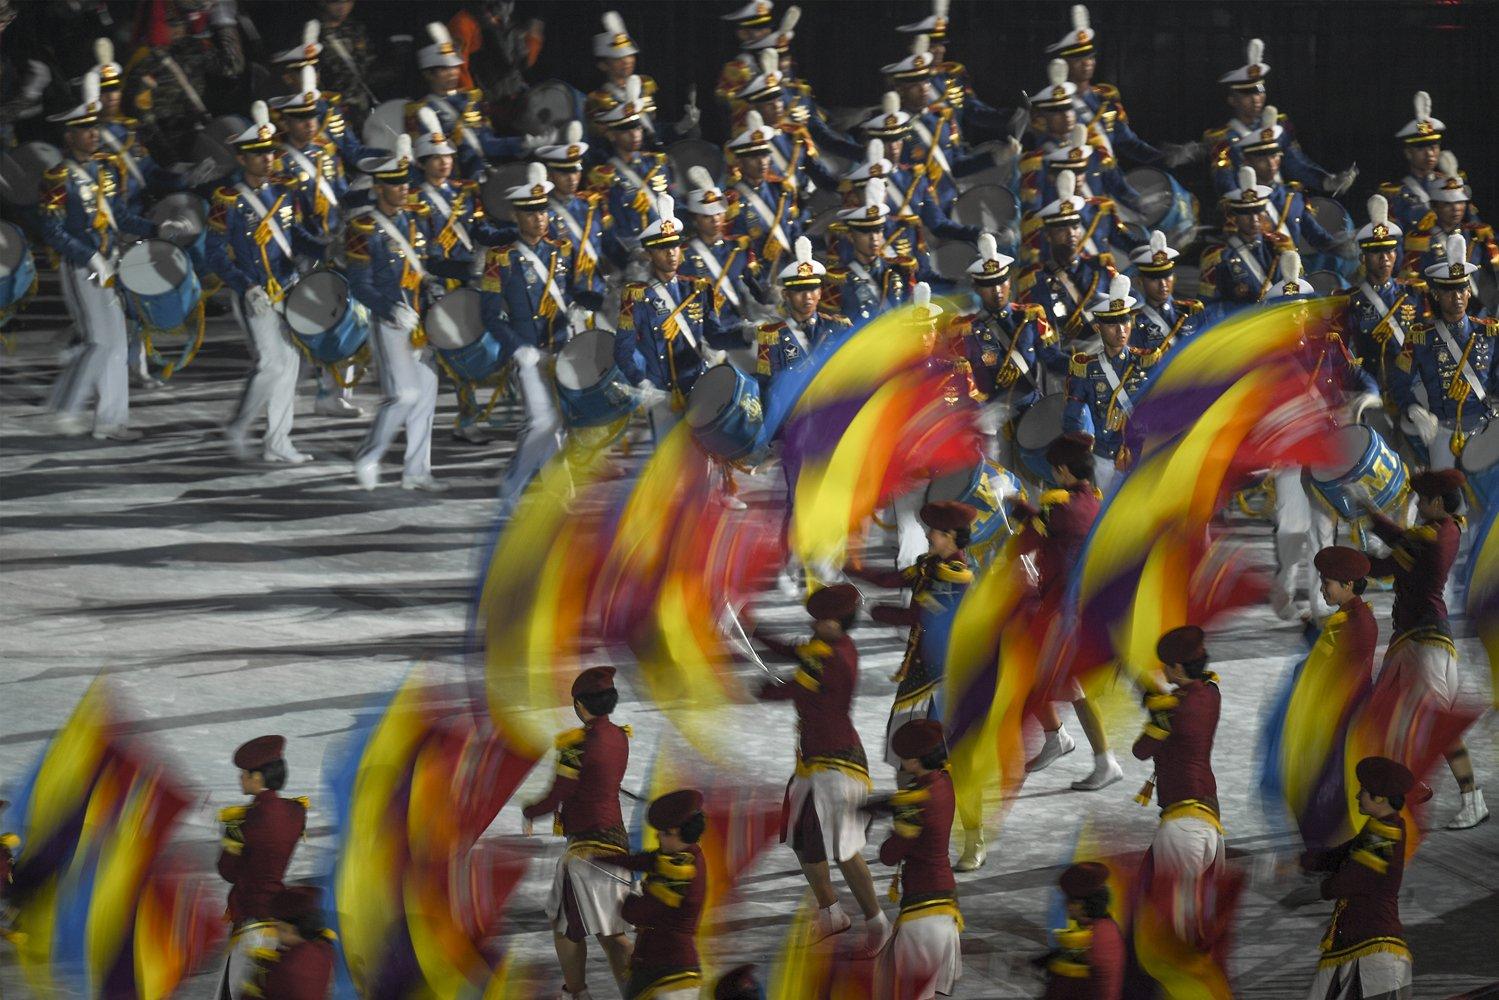 Marching band dari Akademi TNI dan Polri tampil dalam Upacara Penutupan Asian Games ke 18 tahun 2018 di Stadion Utama Gelora Bung Karno, Senayan, Jakarta, Minggu (2/9). \n\n\n \n